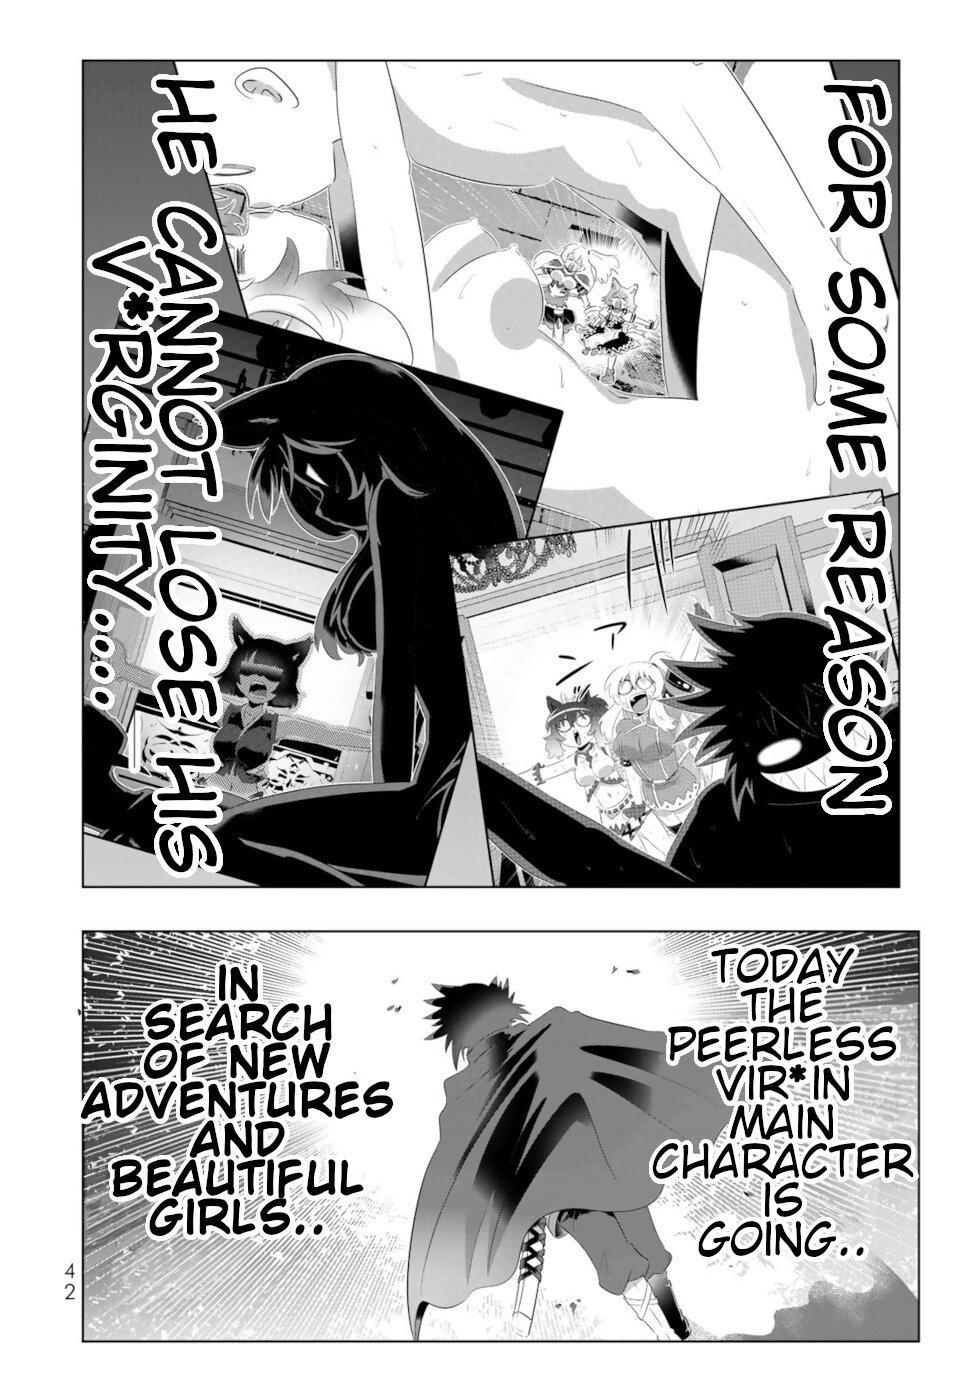 Manga Isekai Shihai no Skill Taker: Zero kara Hajimeru Dorei Harem - Chapter 59 Page 2